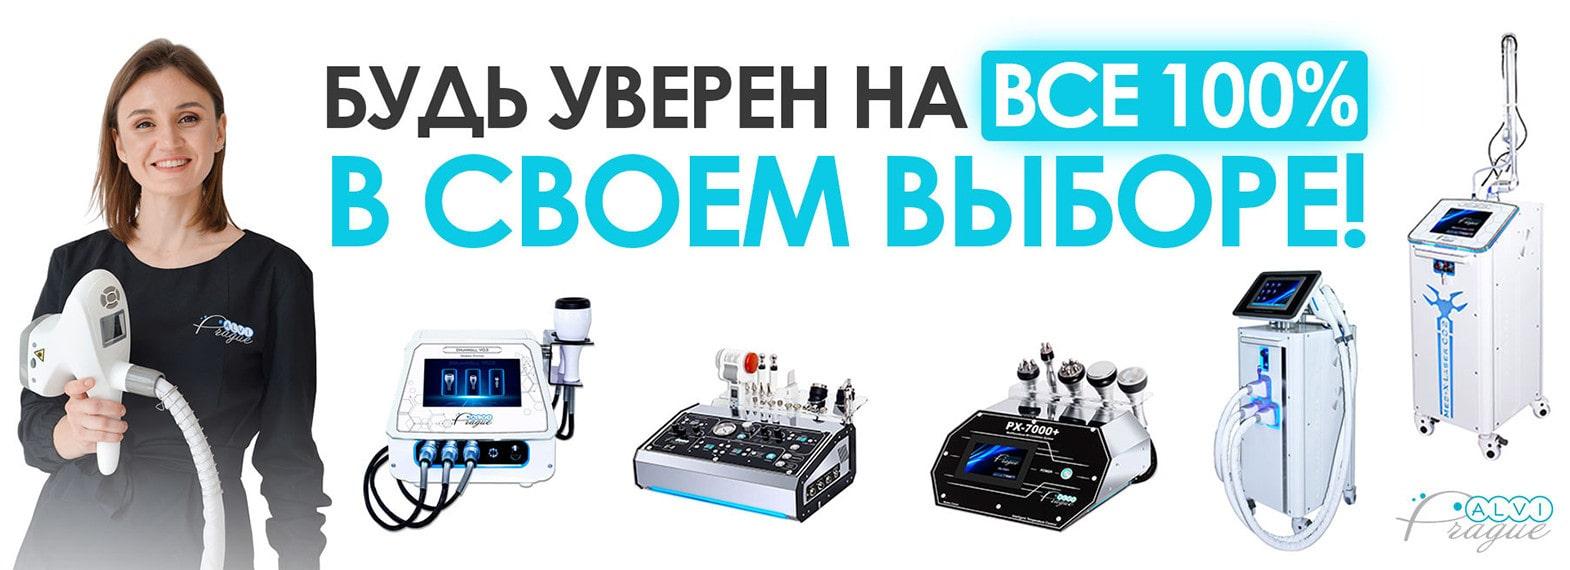 Тест-драйв косметологического оборудования